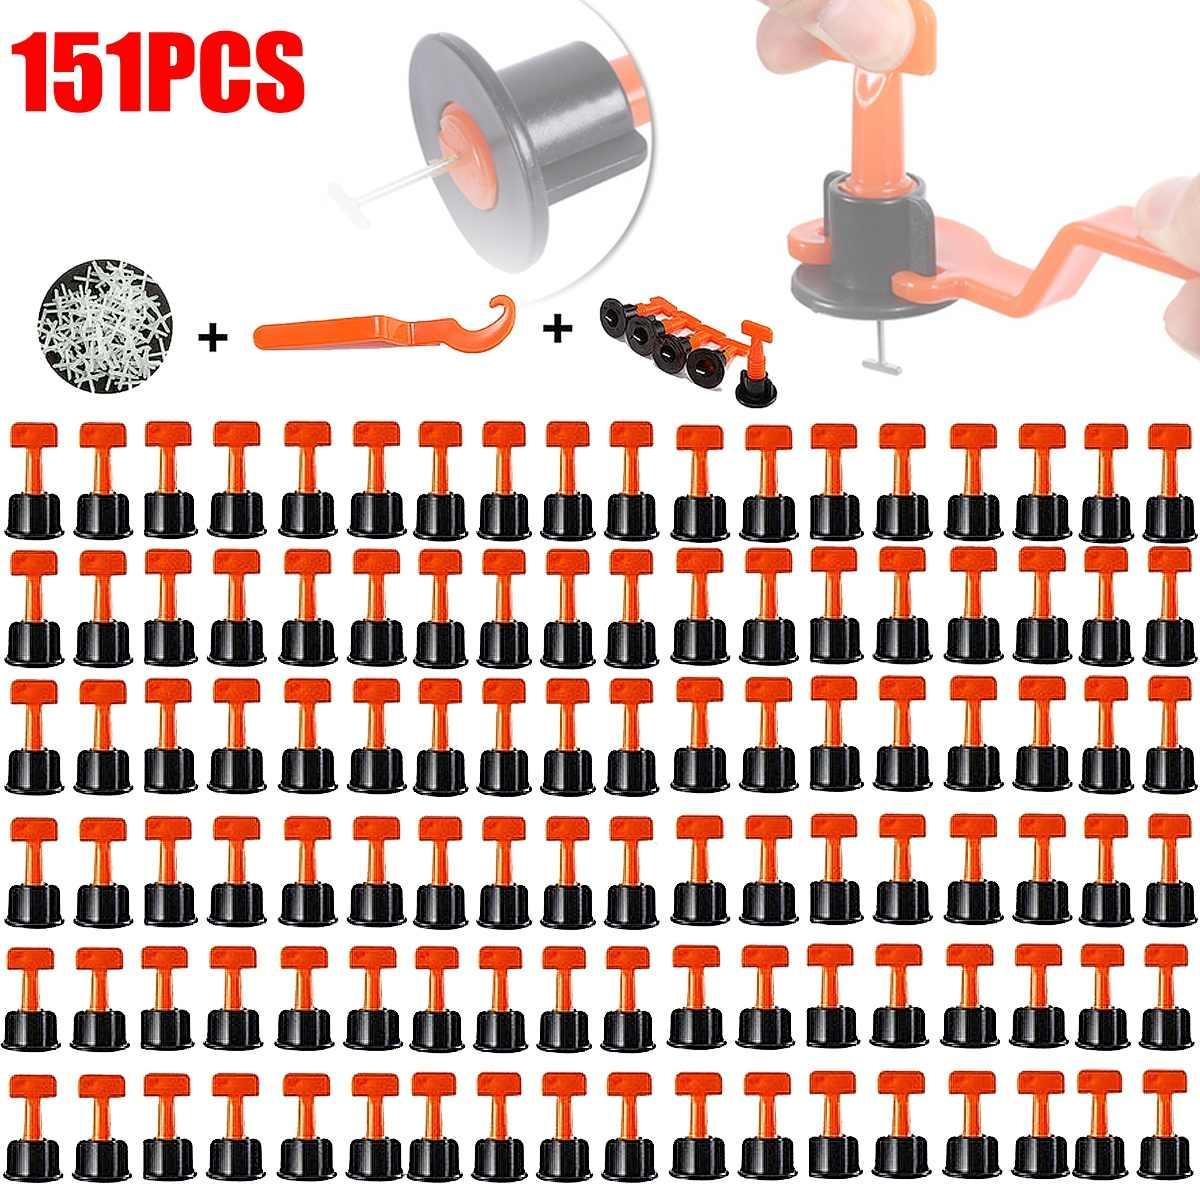 151 - Strumenti di costruzione - Fotografia 6